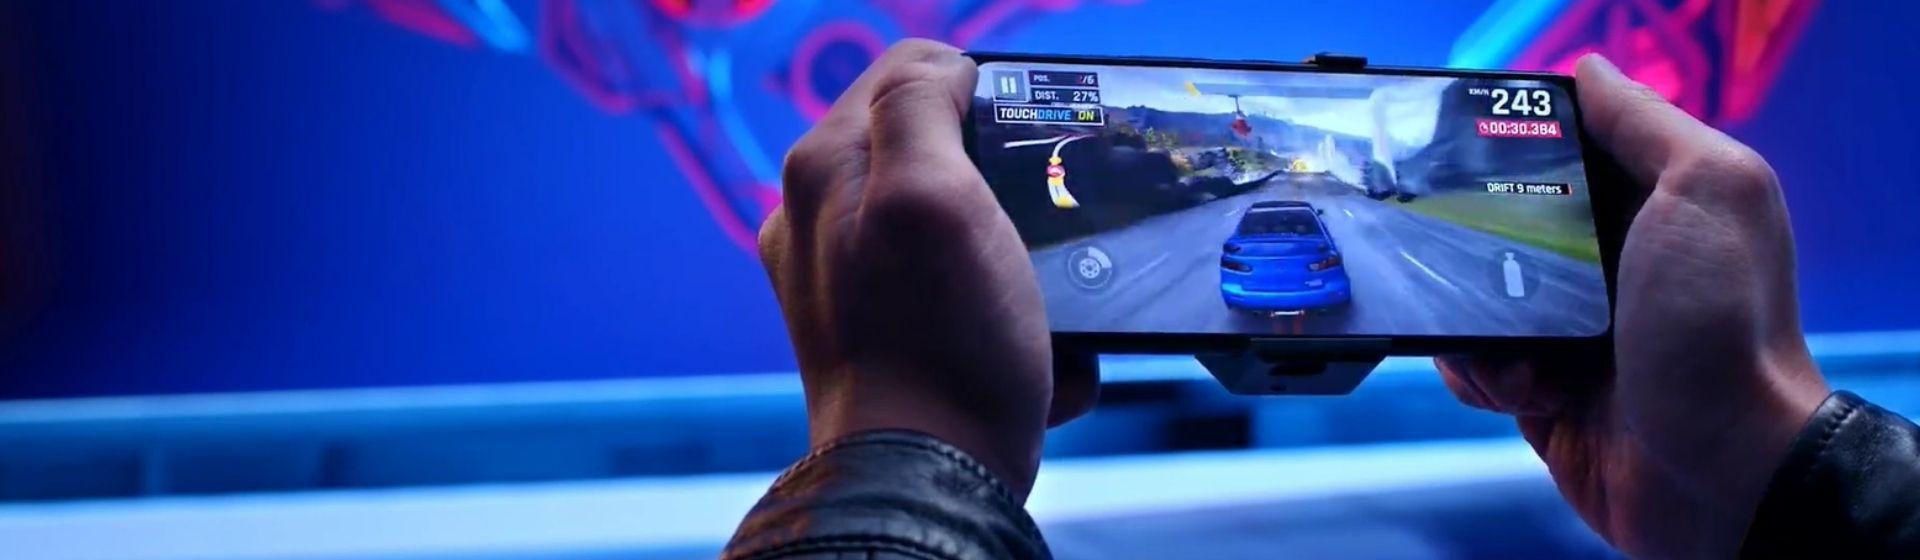 ROG Phone 5: Asus revela celular gamer com ficha técnica poderosa